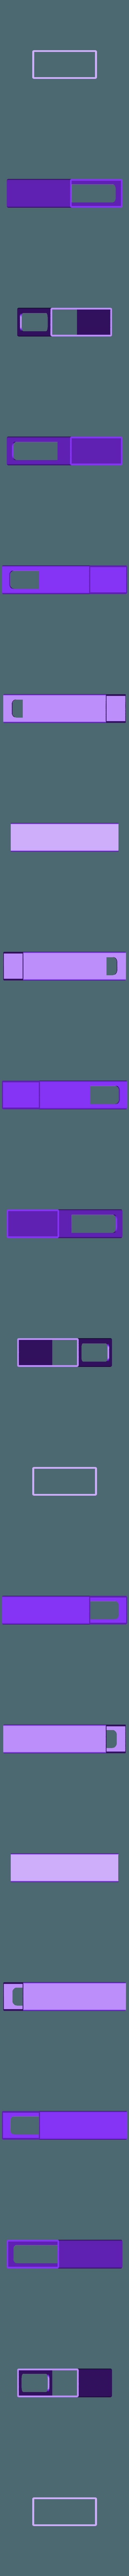 Solstickan - Large matchbox cover.STL Télécharger fichier STL gratuit Solstickan - Grand couvercle de boîte d'allumettes • Plan à imprimer en 3D, S-Design